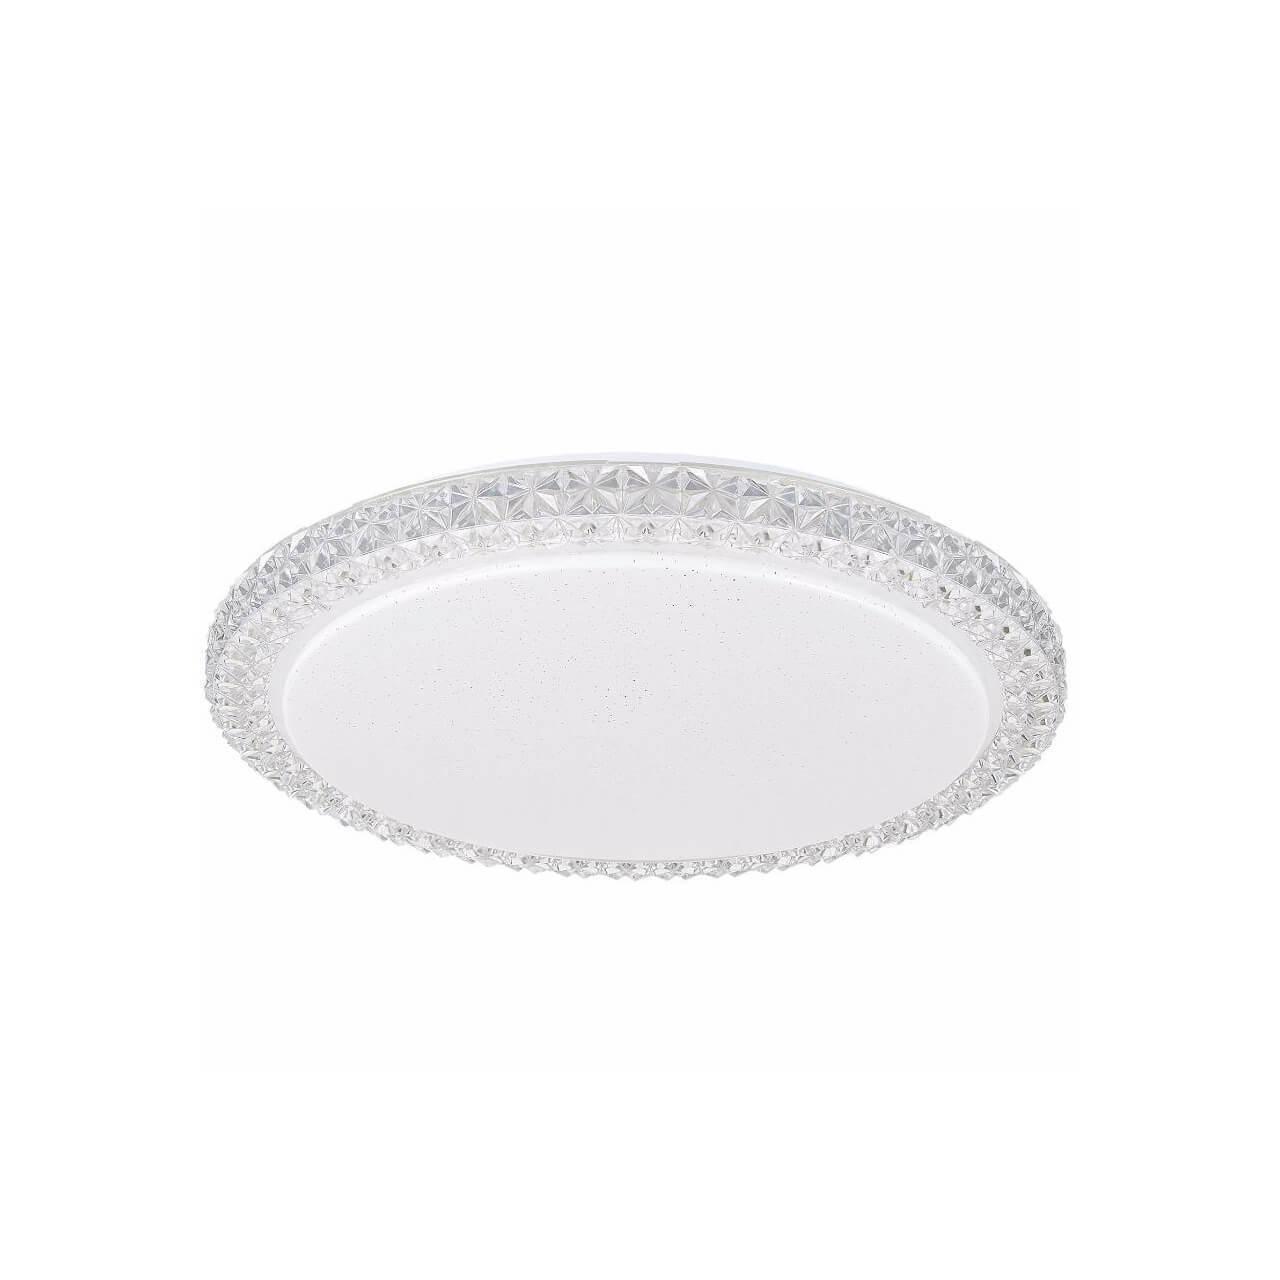 Потолочный светодиодный светильник Citilux Кристалино Слим CL715R720